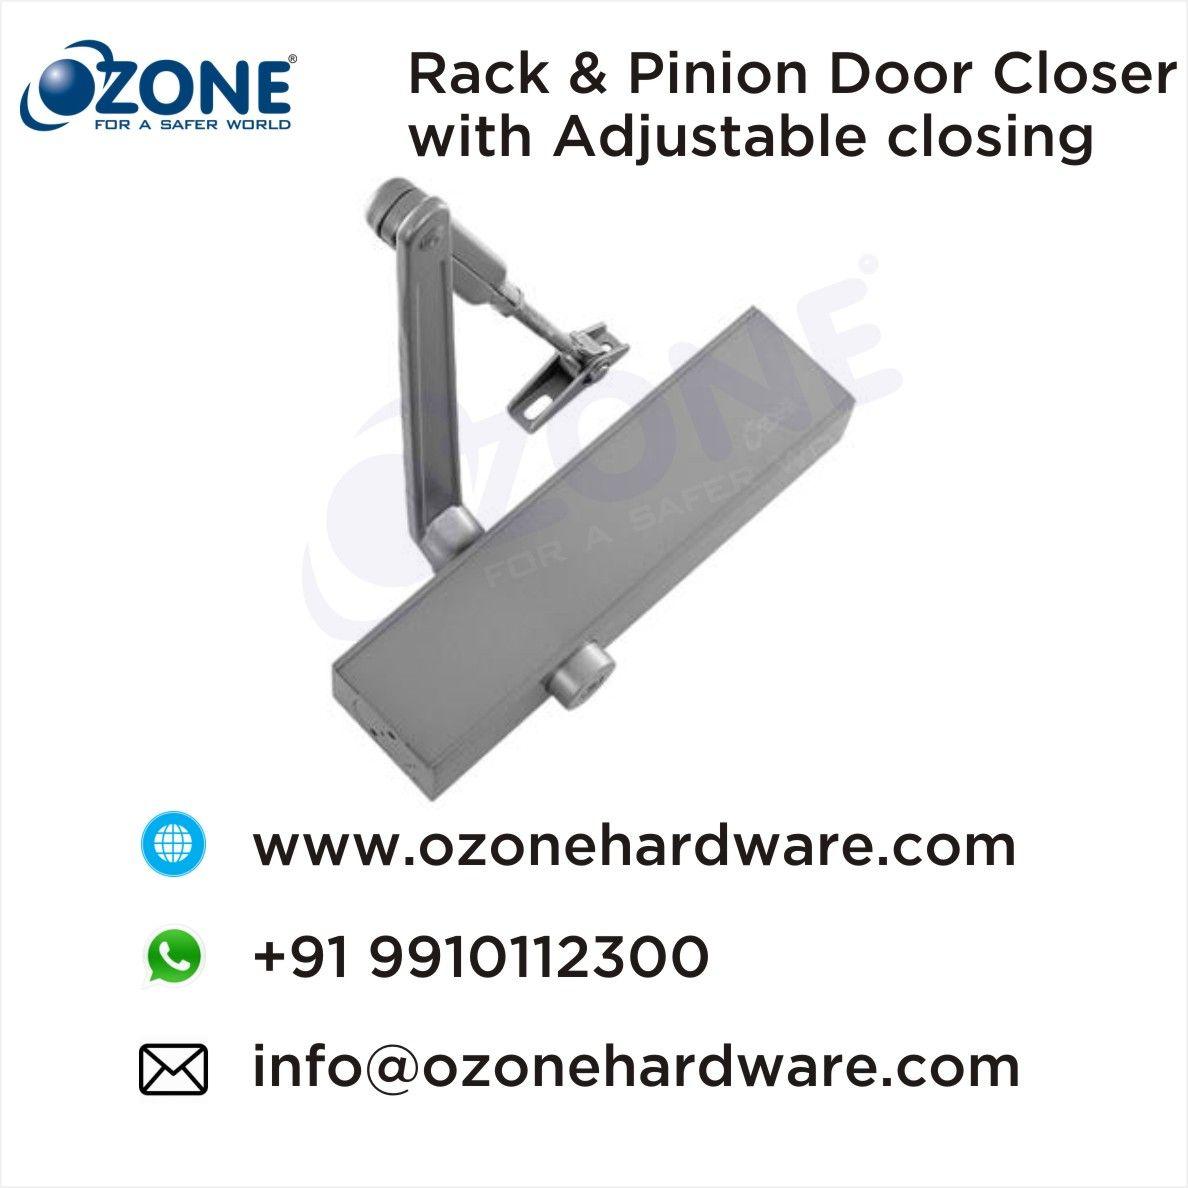 Rack Pinion Door Closer With Adjustable Closing Manufacturers Of Door Closers Door Technology Closed Doors Door Closers Metal Door